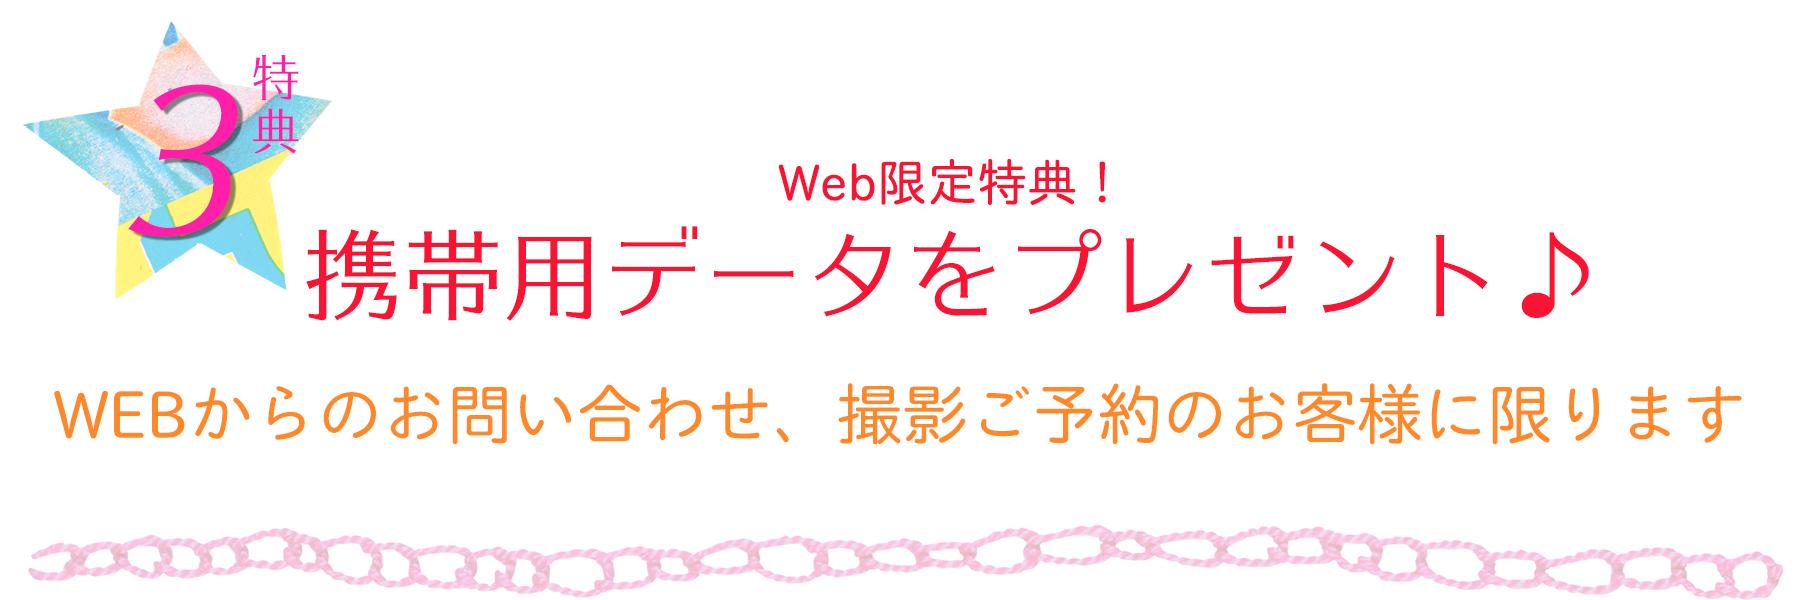 鳥取でスタジオでのお宮参り撮影や、お宮参り写真、お宮参りフォト、神社でにおお宮参り風景の出張撮影ならマジカルフォトワークのWeb予約特典のご案内バナーです